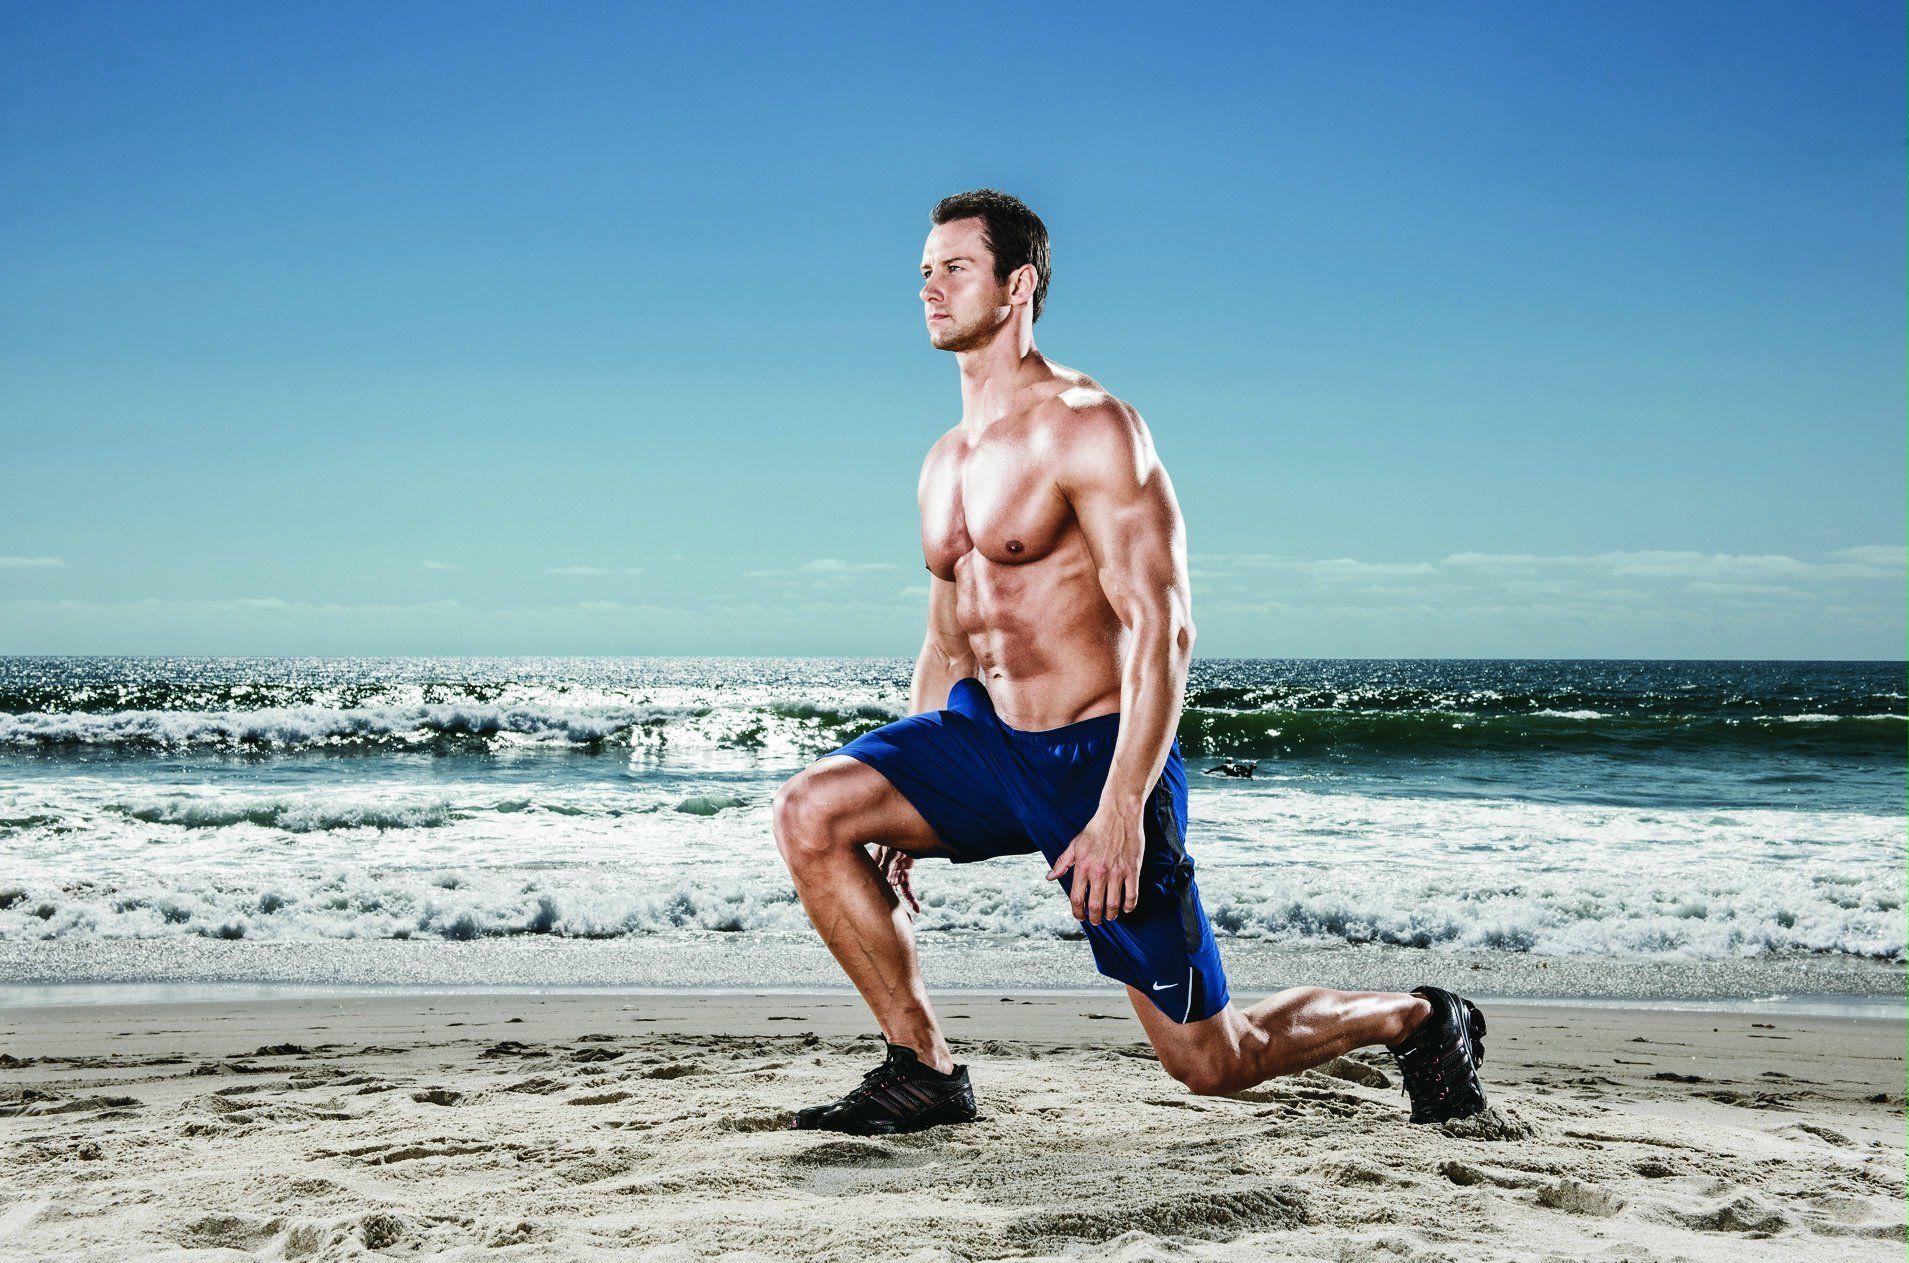 mf1012_bp_workt_02-fitness